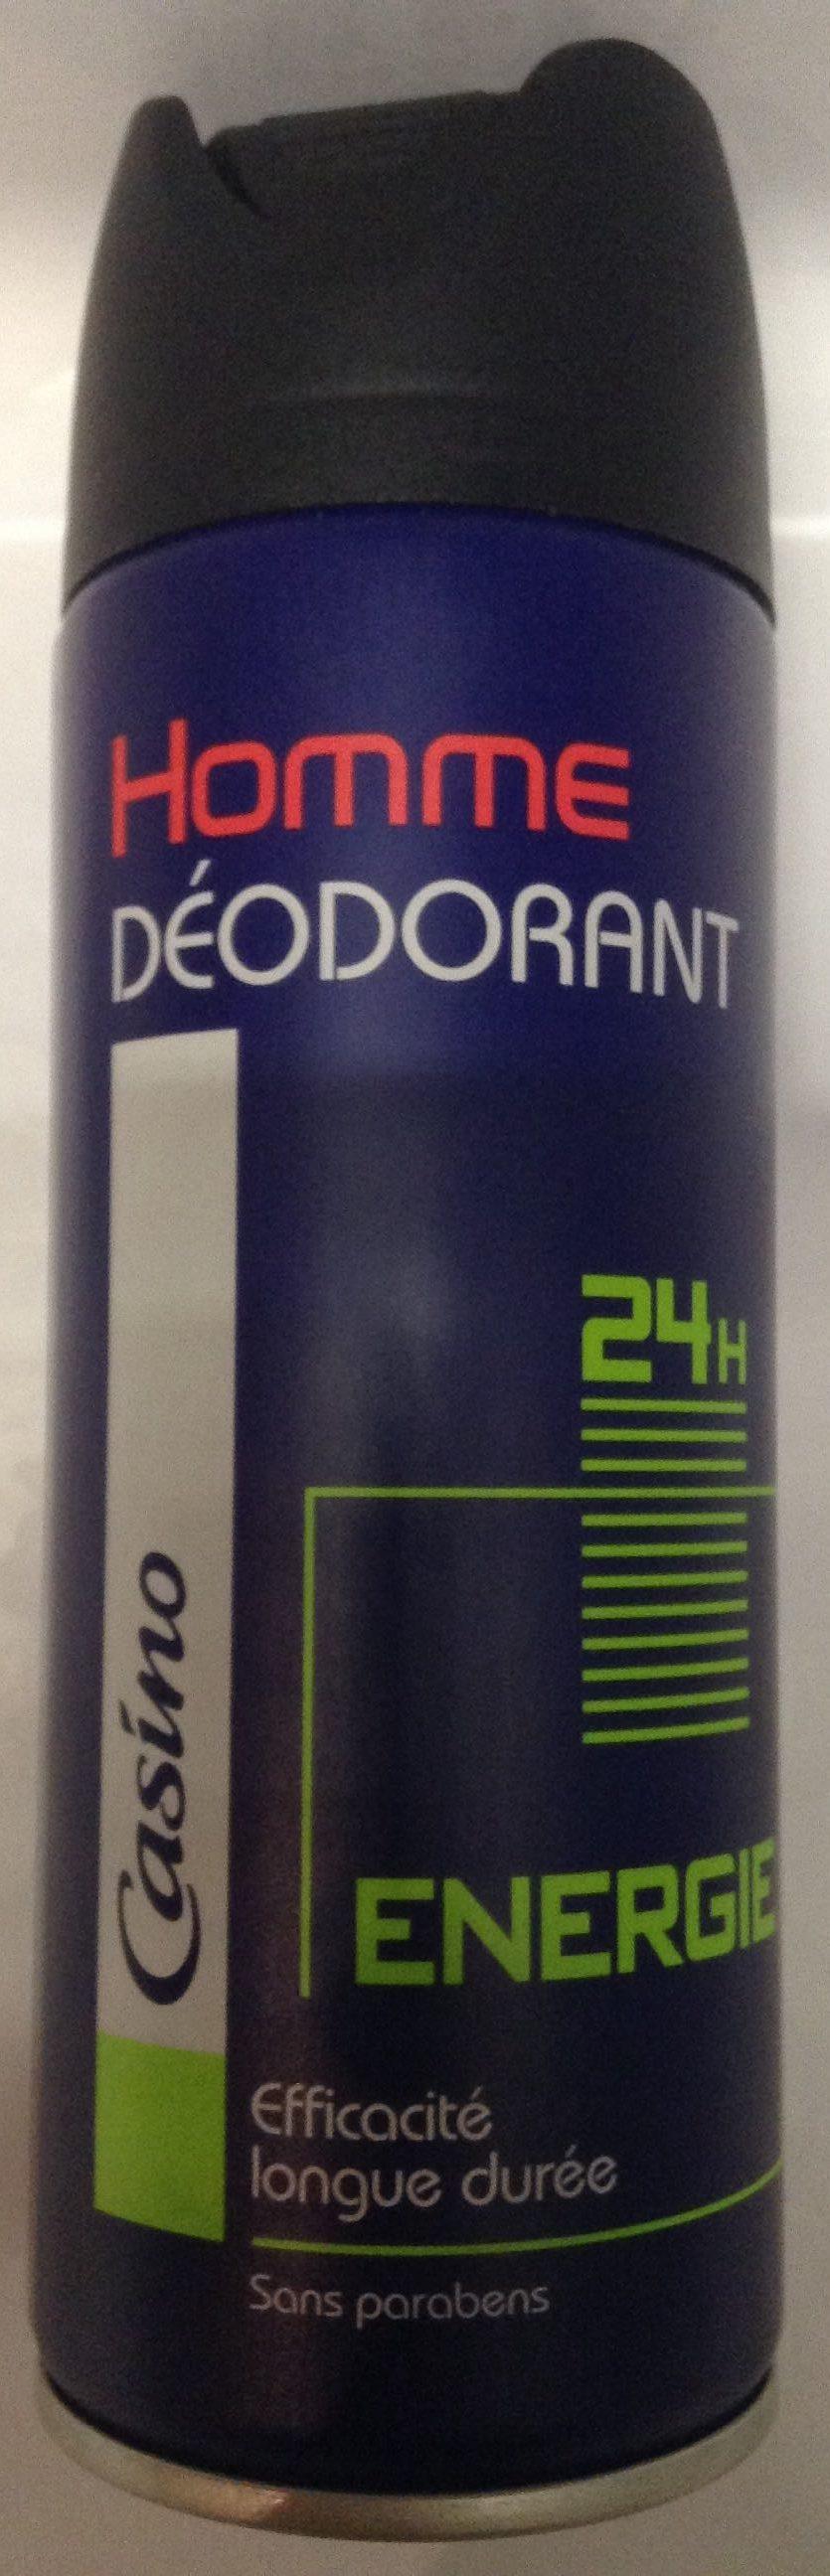 Déodorant Energie 24H - Produit - fr